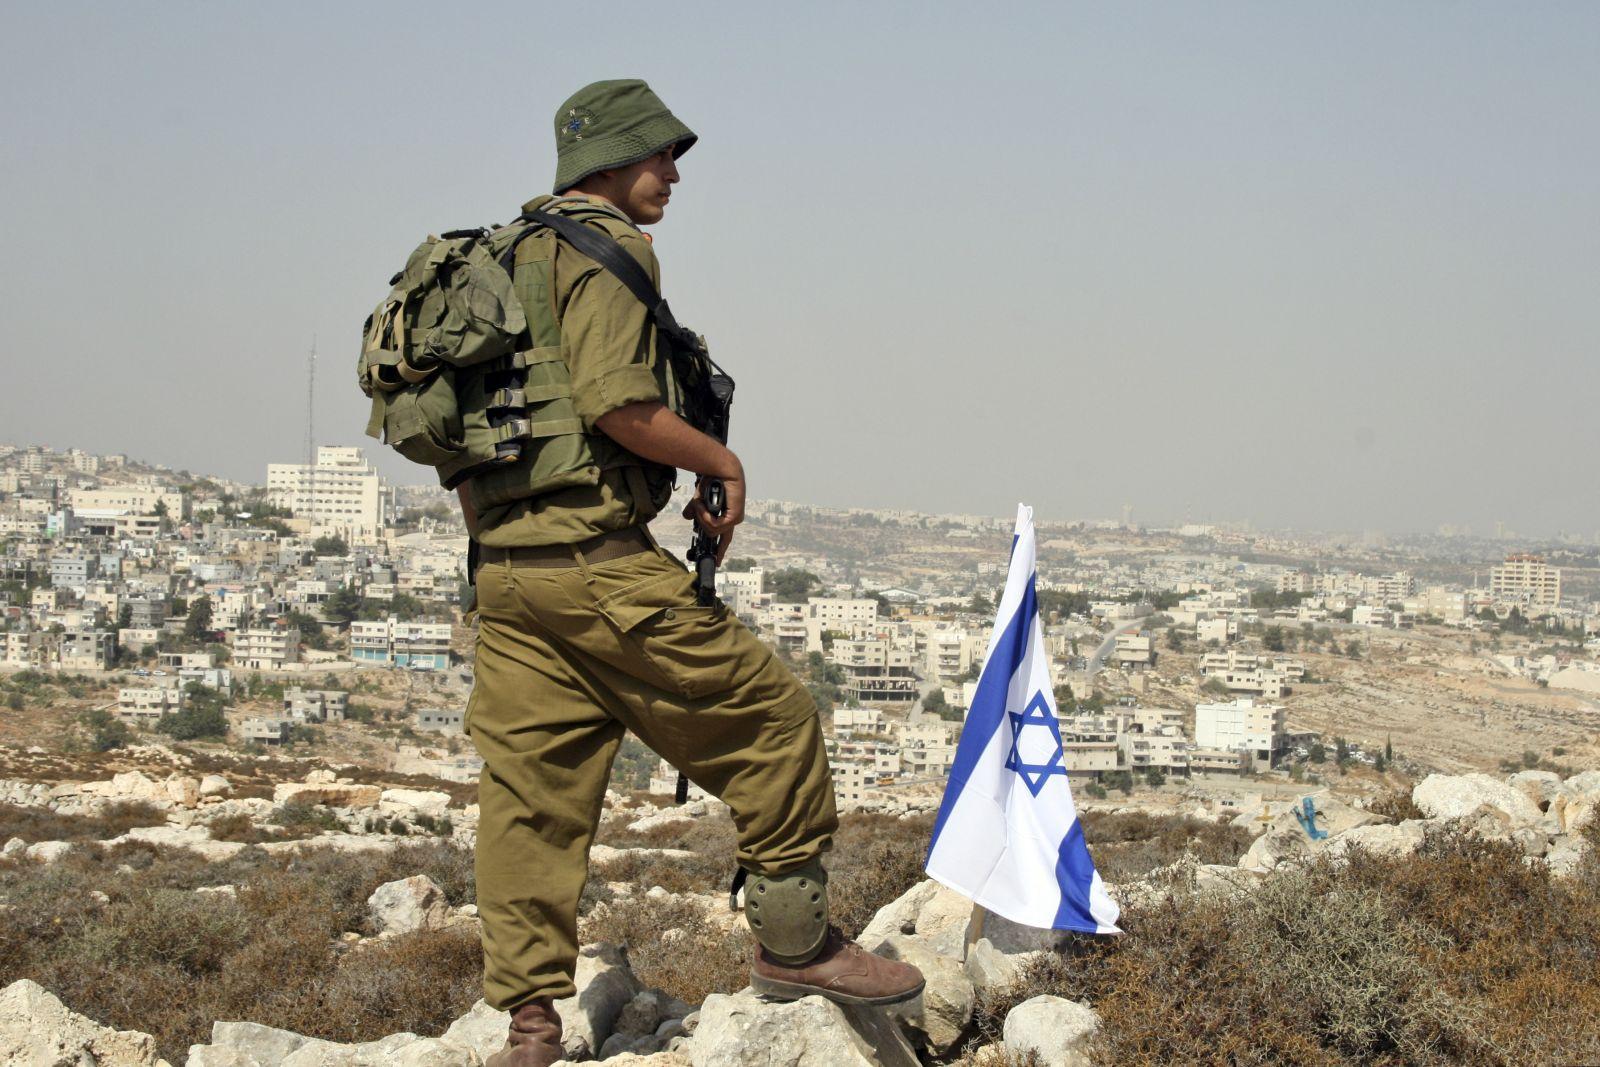 كندا تحقق بتحويل أموال للجيش الإسرائيلي ومشاريع للاحتلال بالضفة